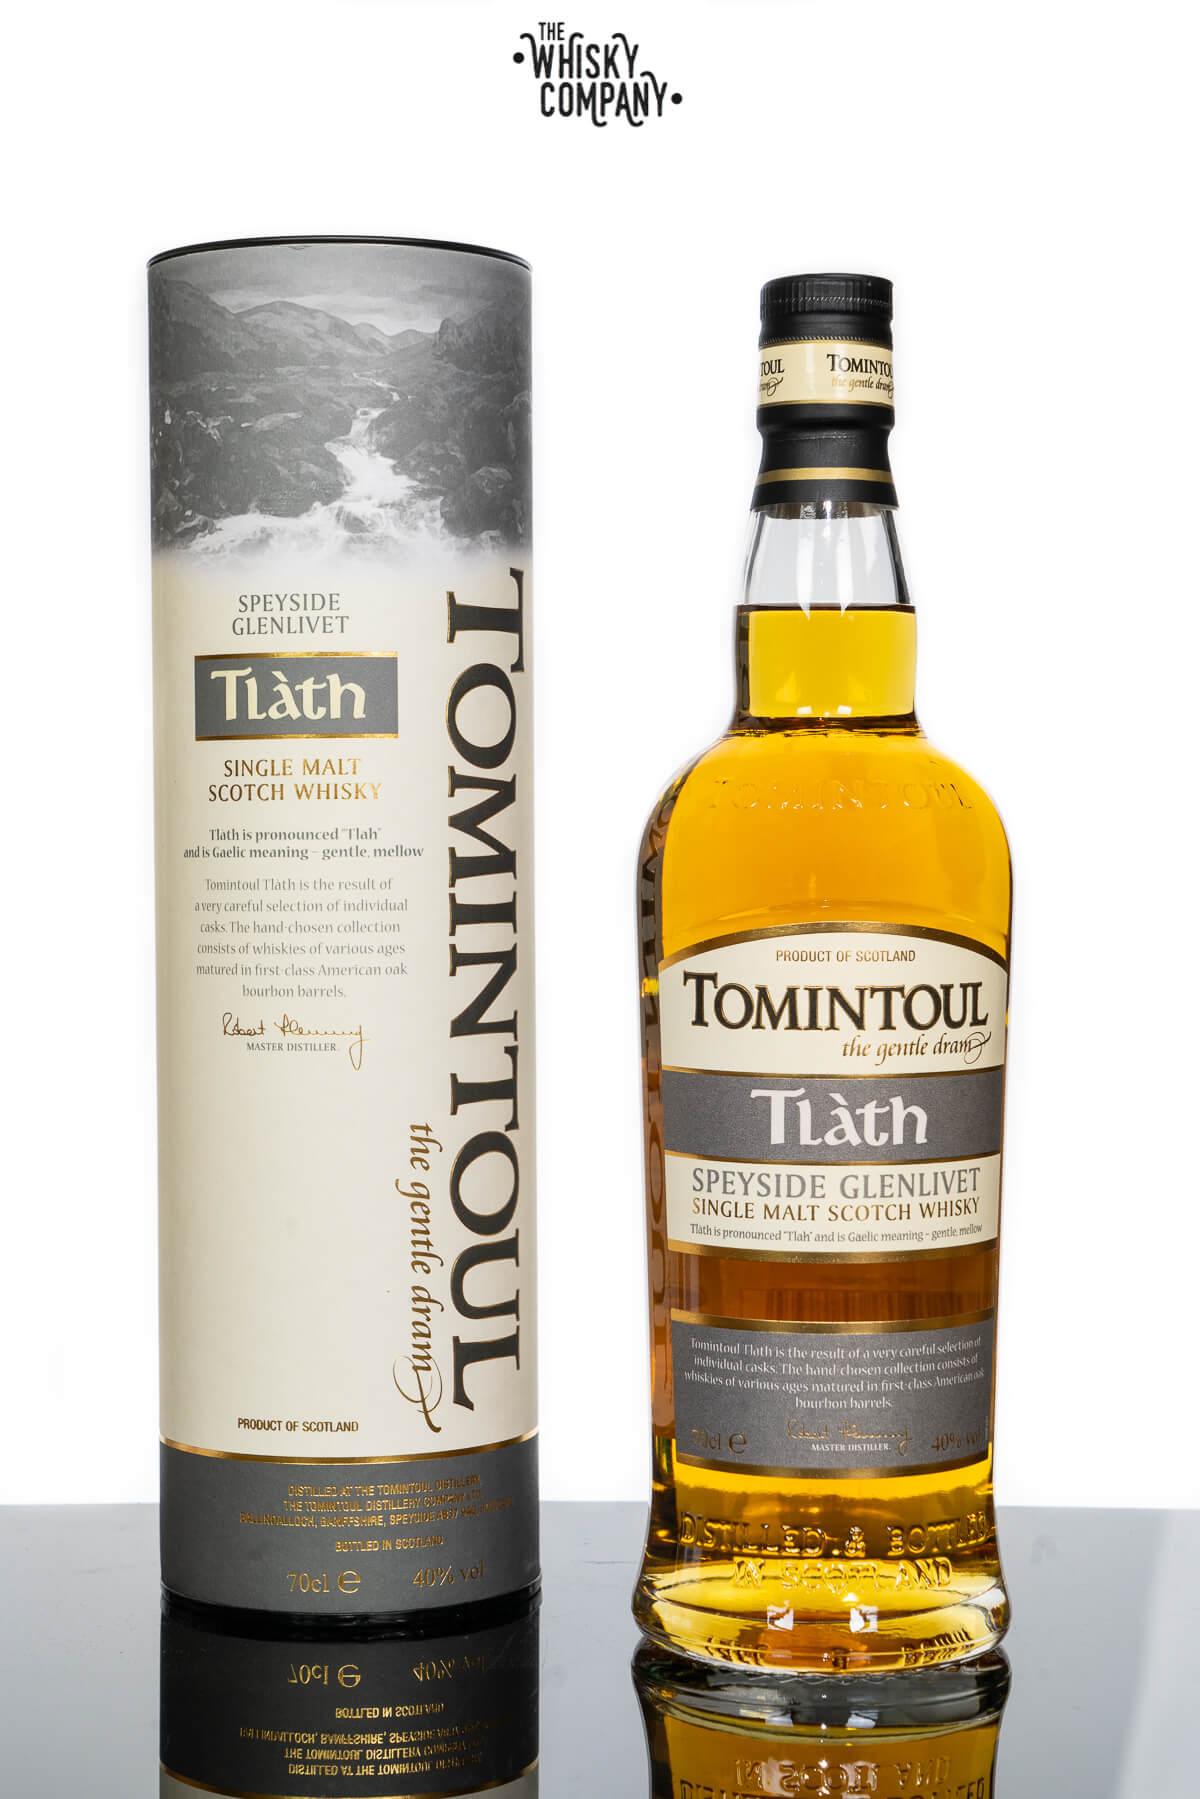 Tomintoul Tlath Speyside Single Malt Scotch Whisky (700ml)